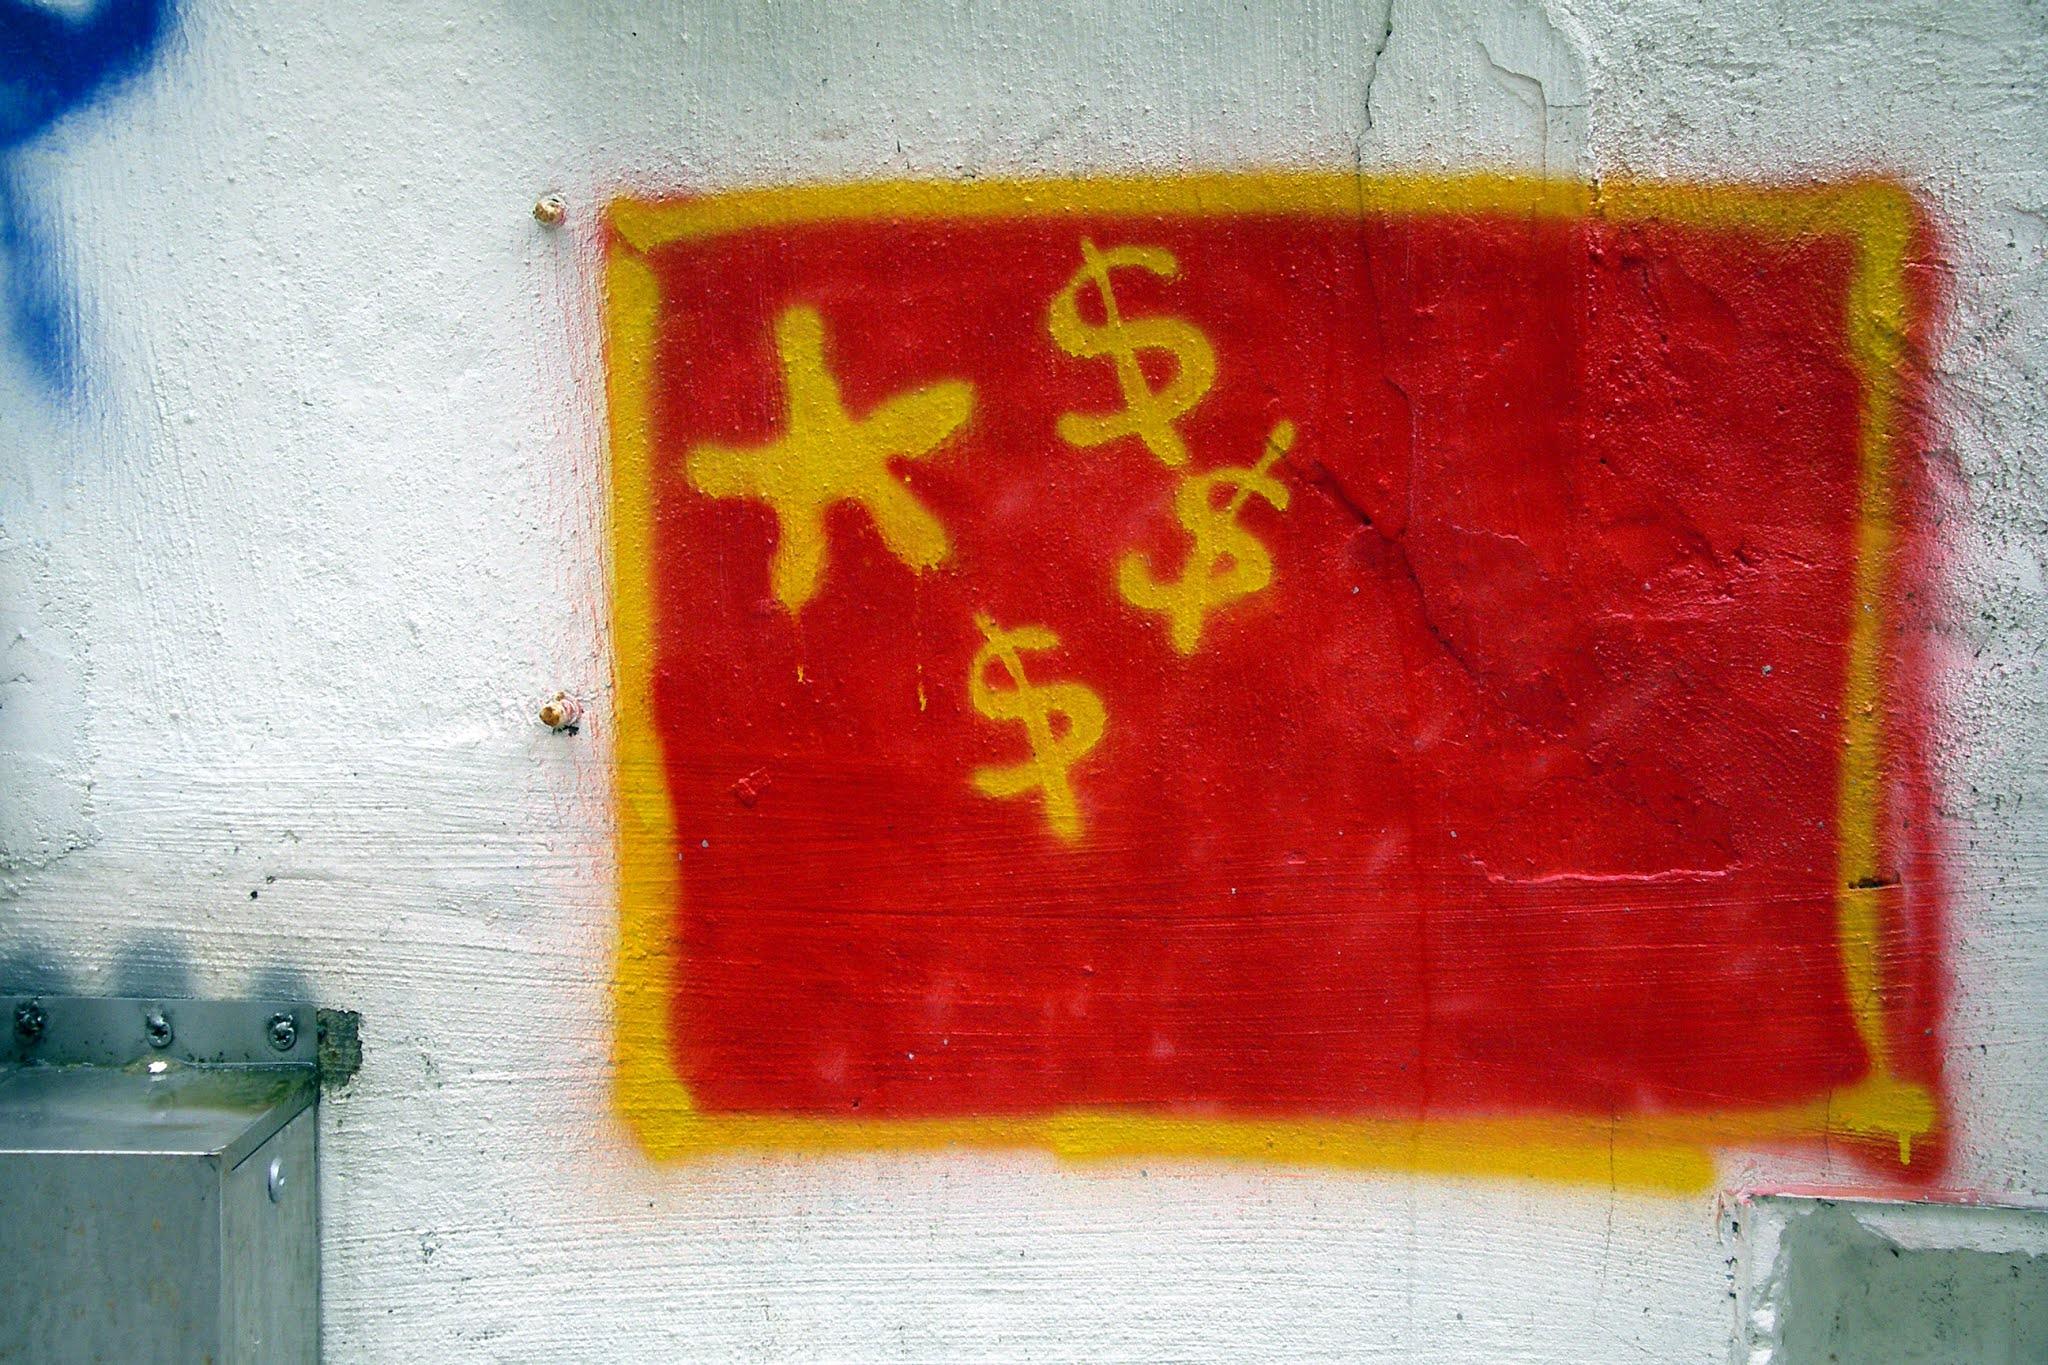 Grafite da bandeiea chinesa com cifras, representando divertidamente o capitalismo chinês